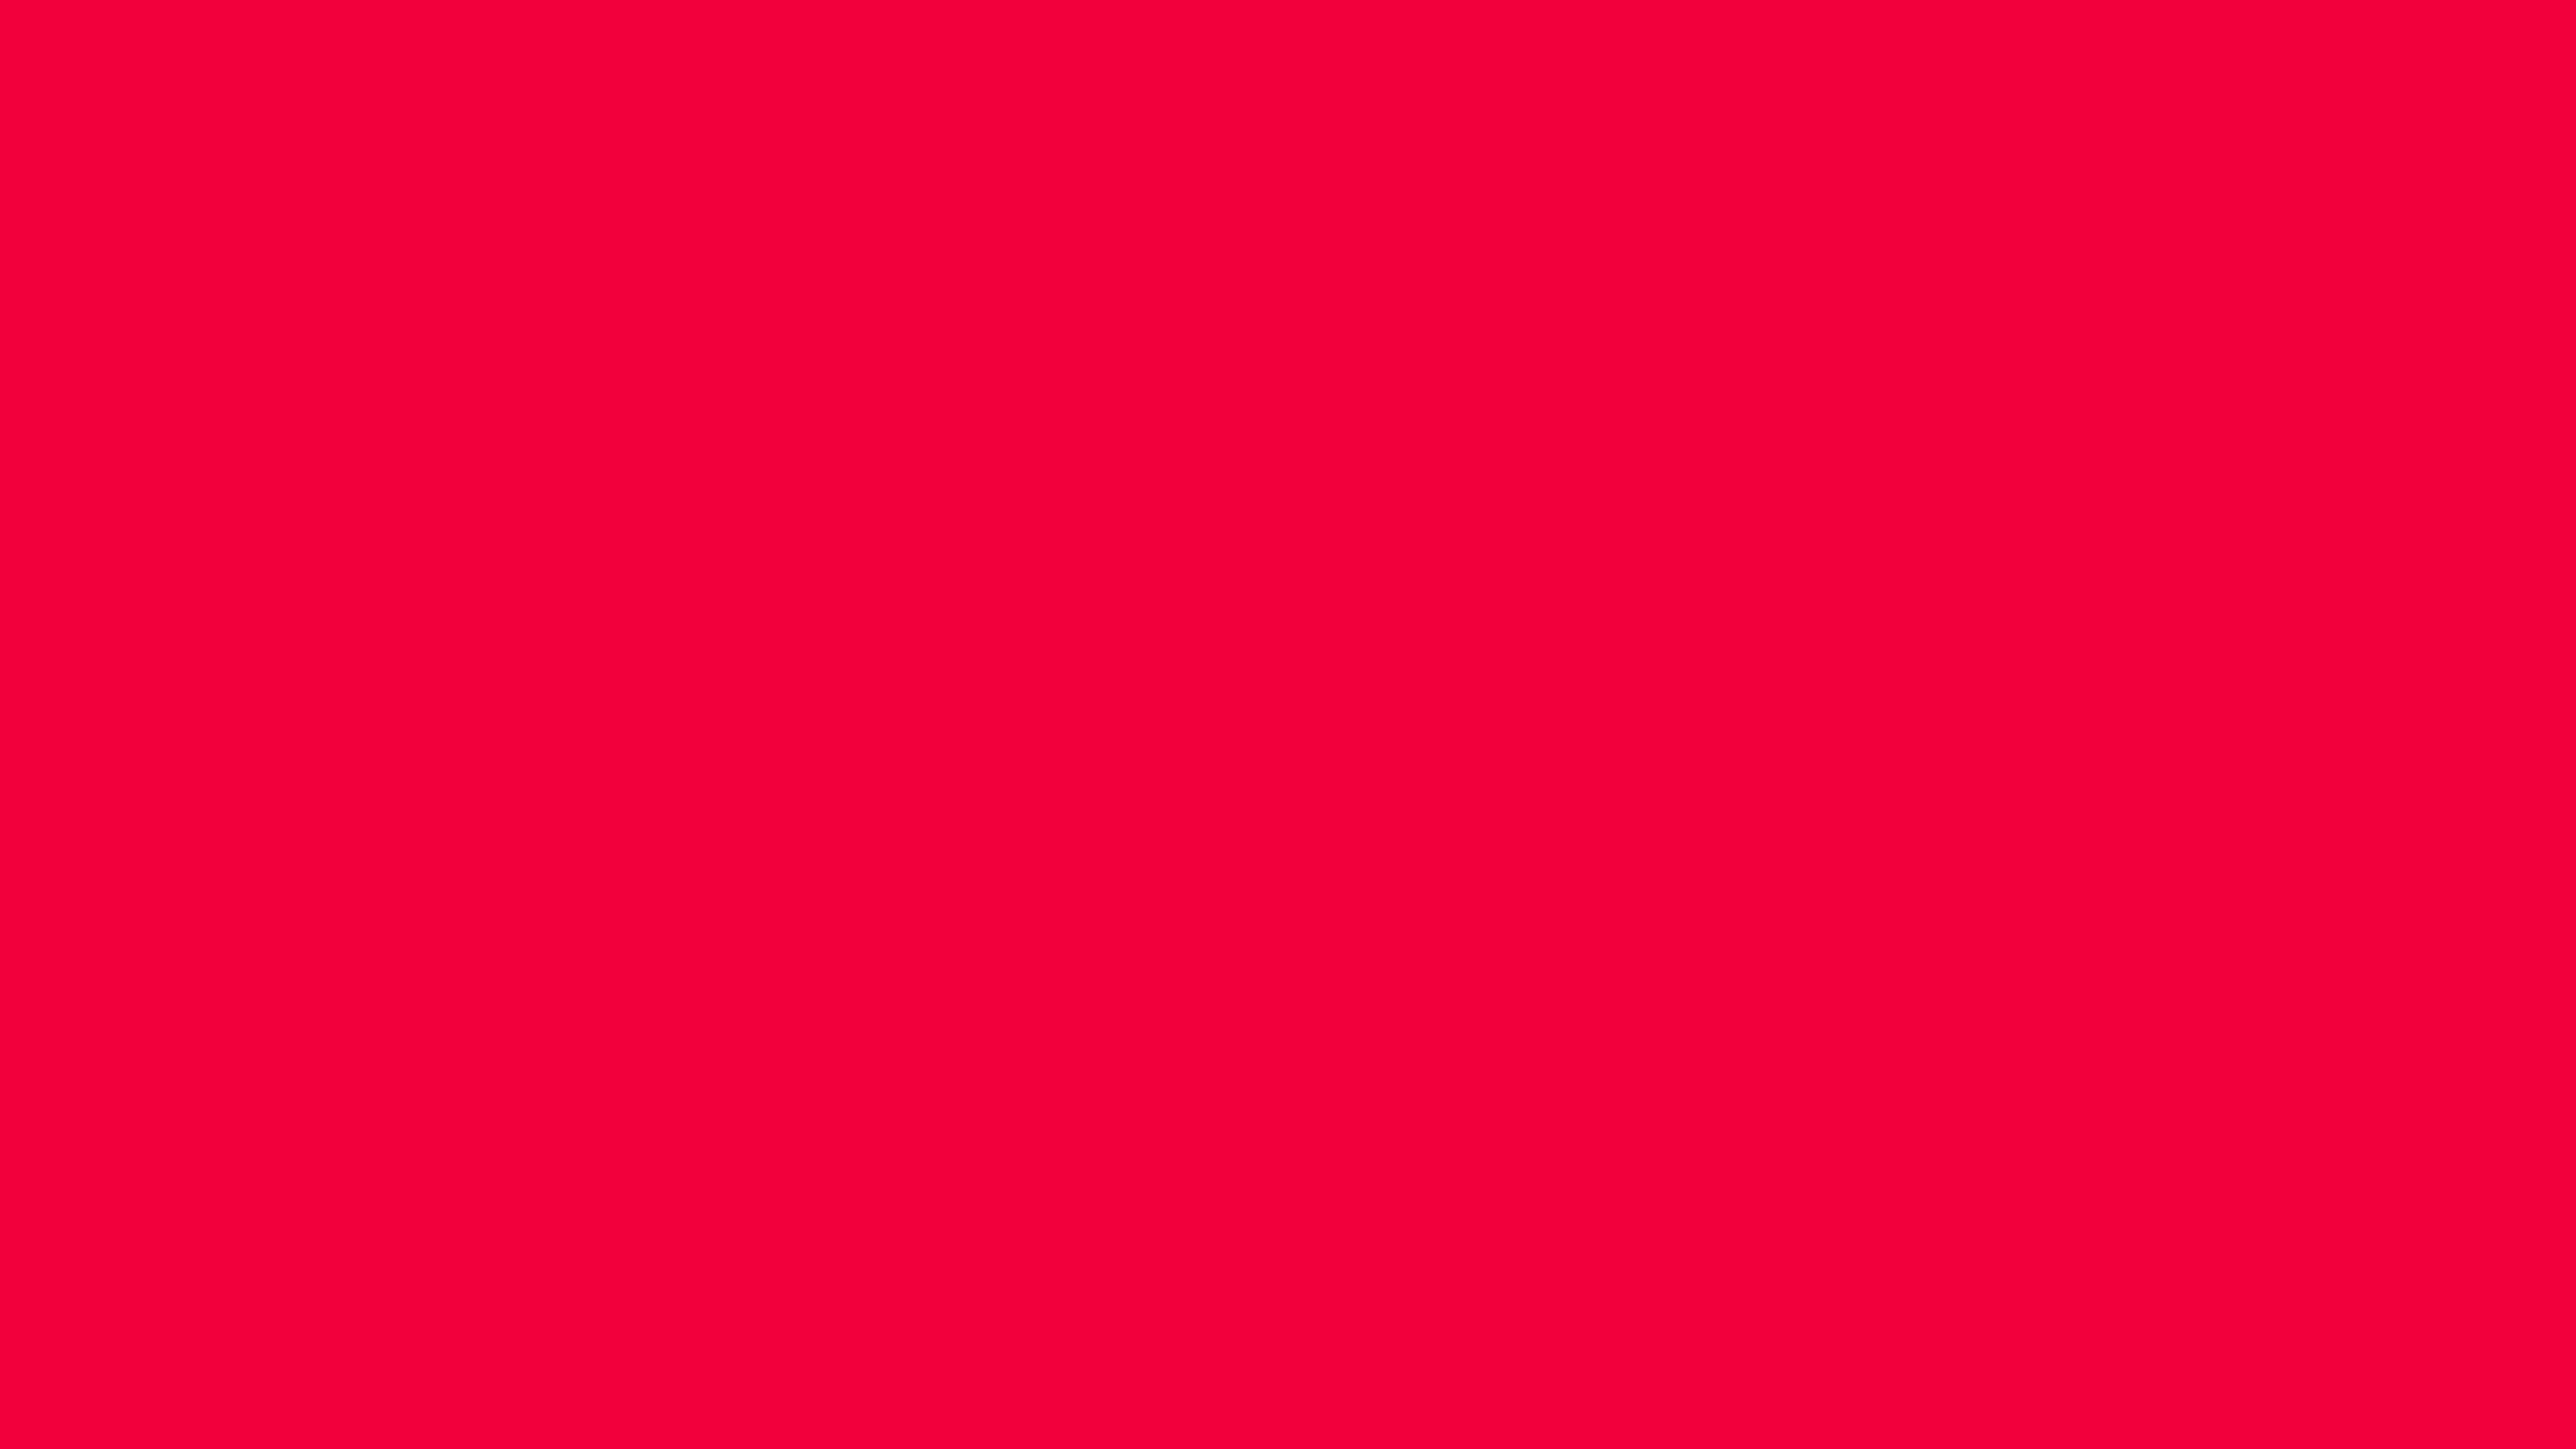 фотография для проверки пикселей айфона письма армию